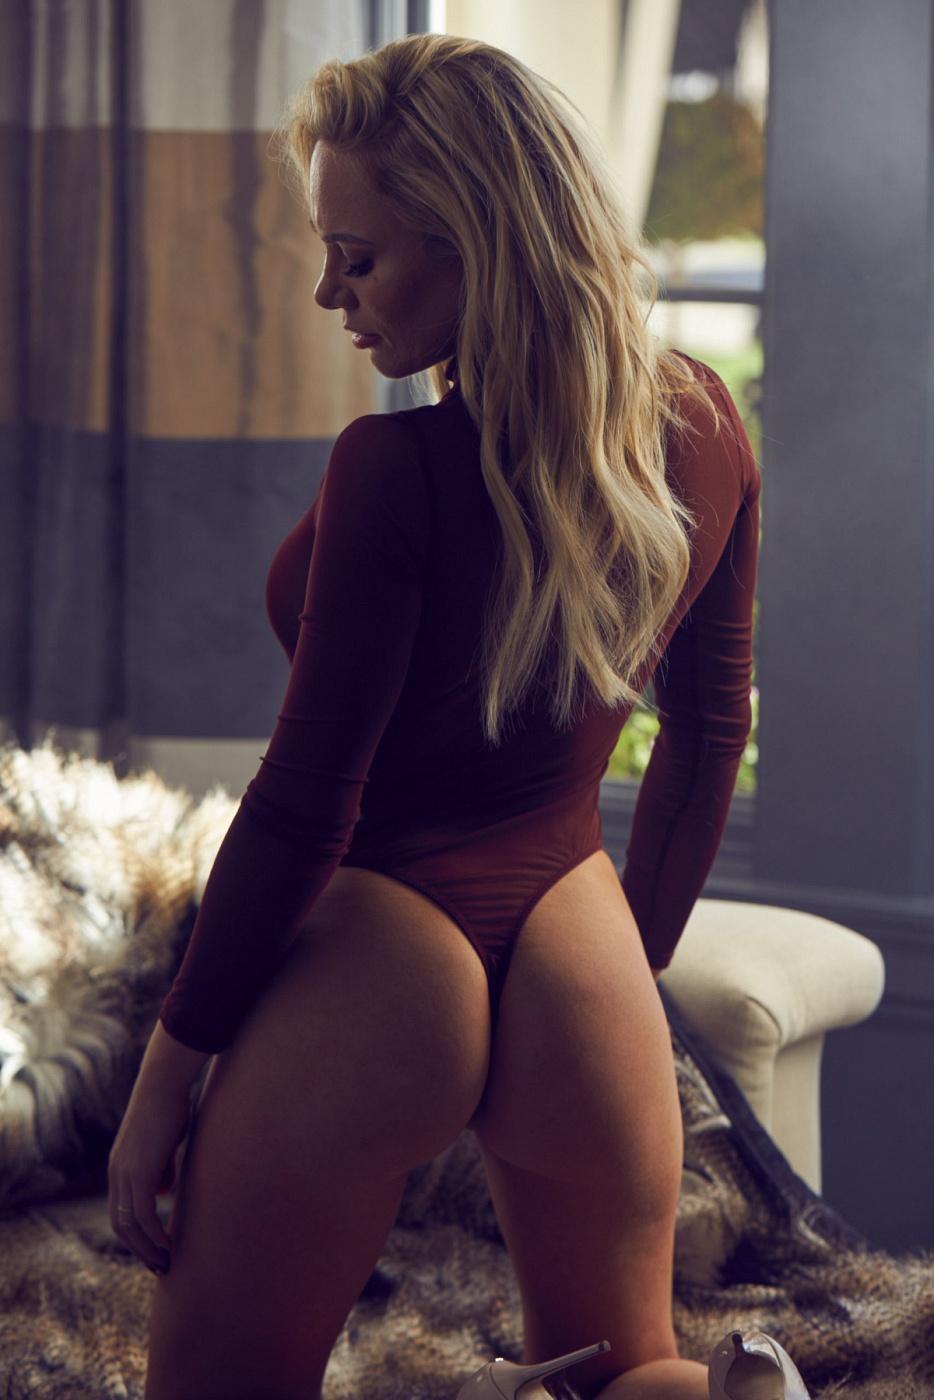 Emmy Michelle